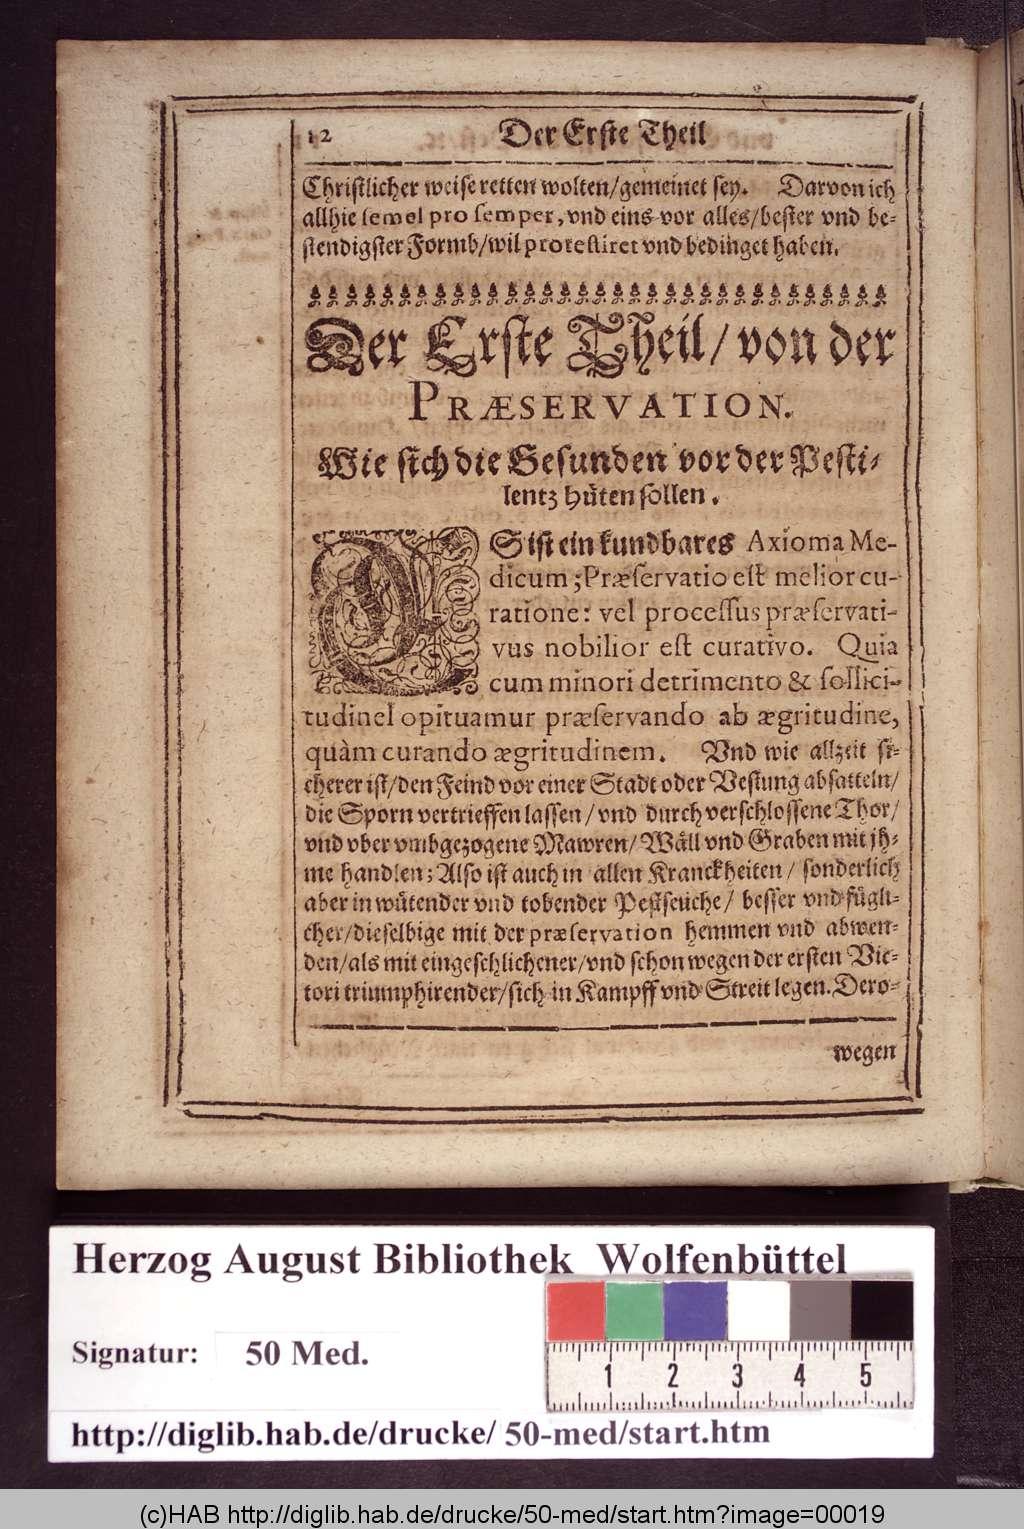 http://diglib.hab.de/drucke/50-med/00019.jpg